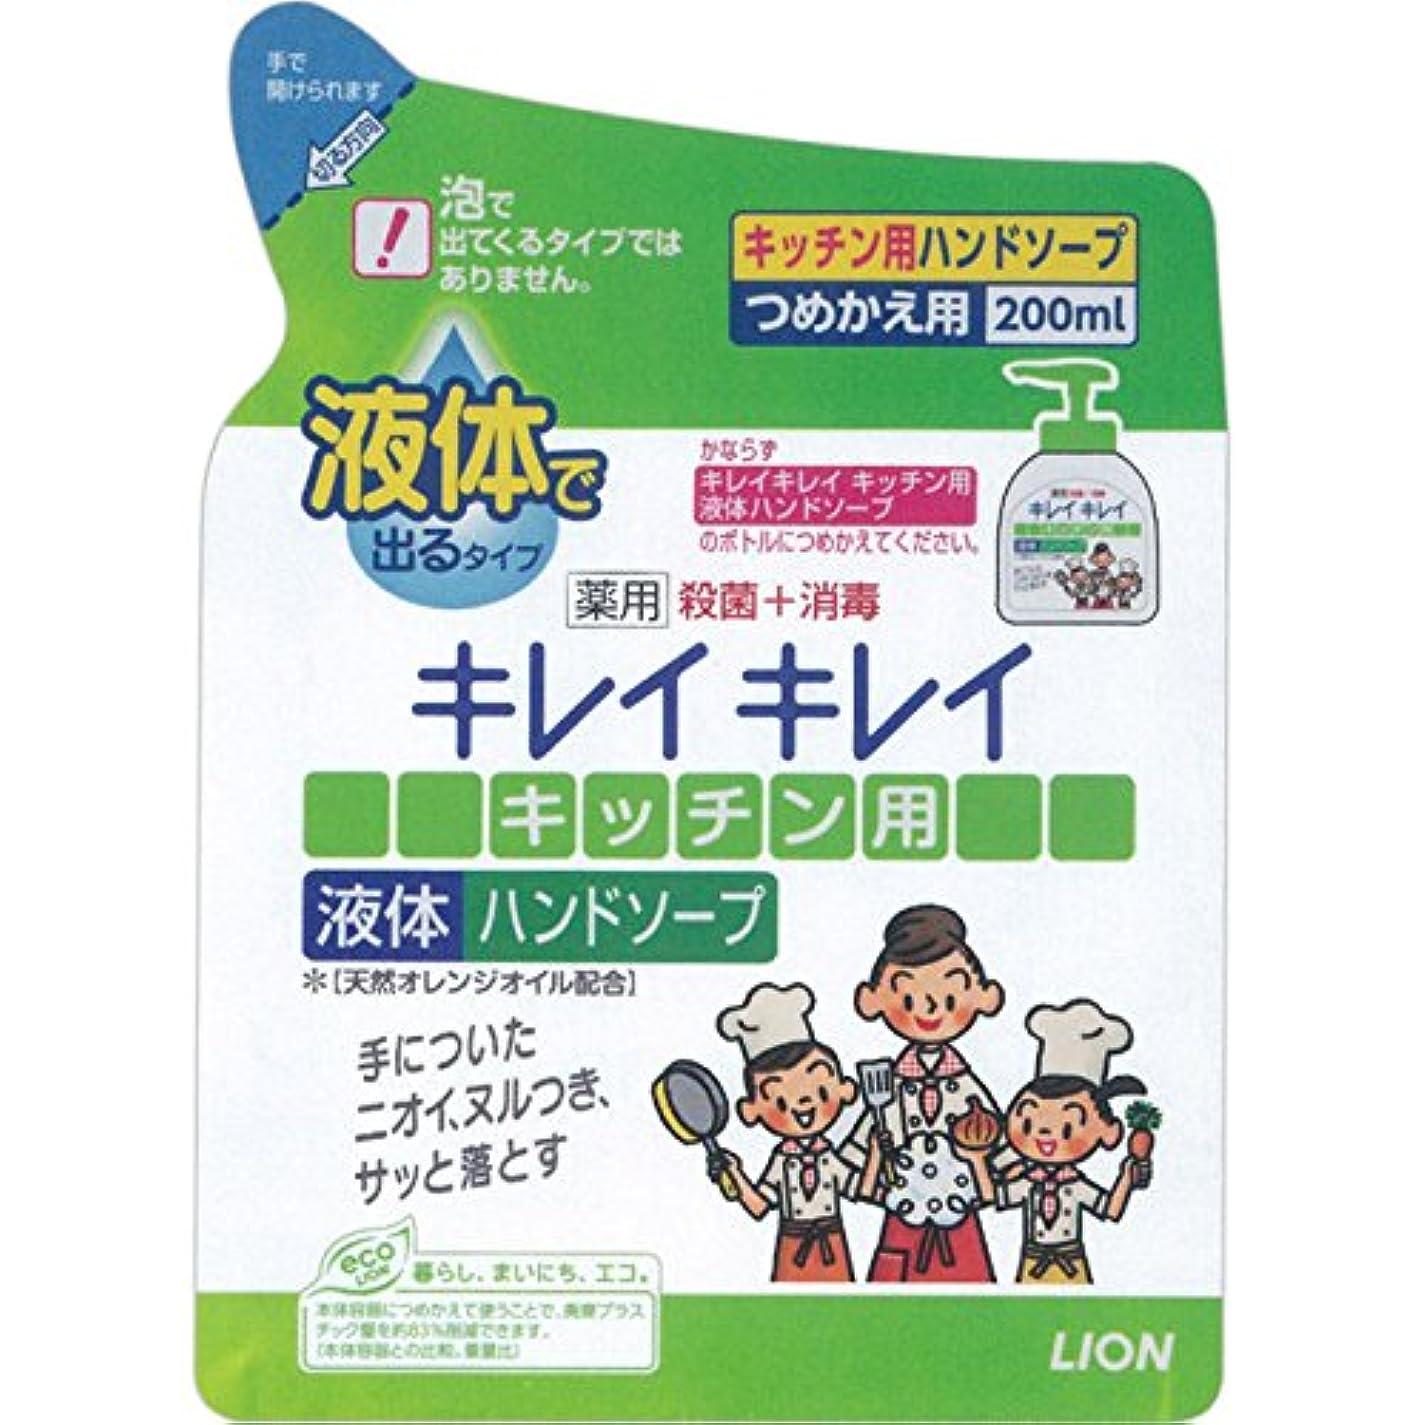 先例財団眠りキレイキレイ 薬用キッチンハンドソープ 詰替用200ml